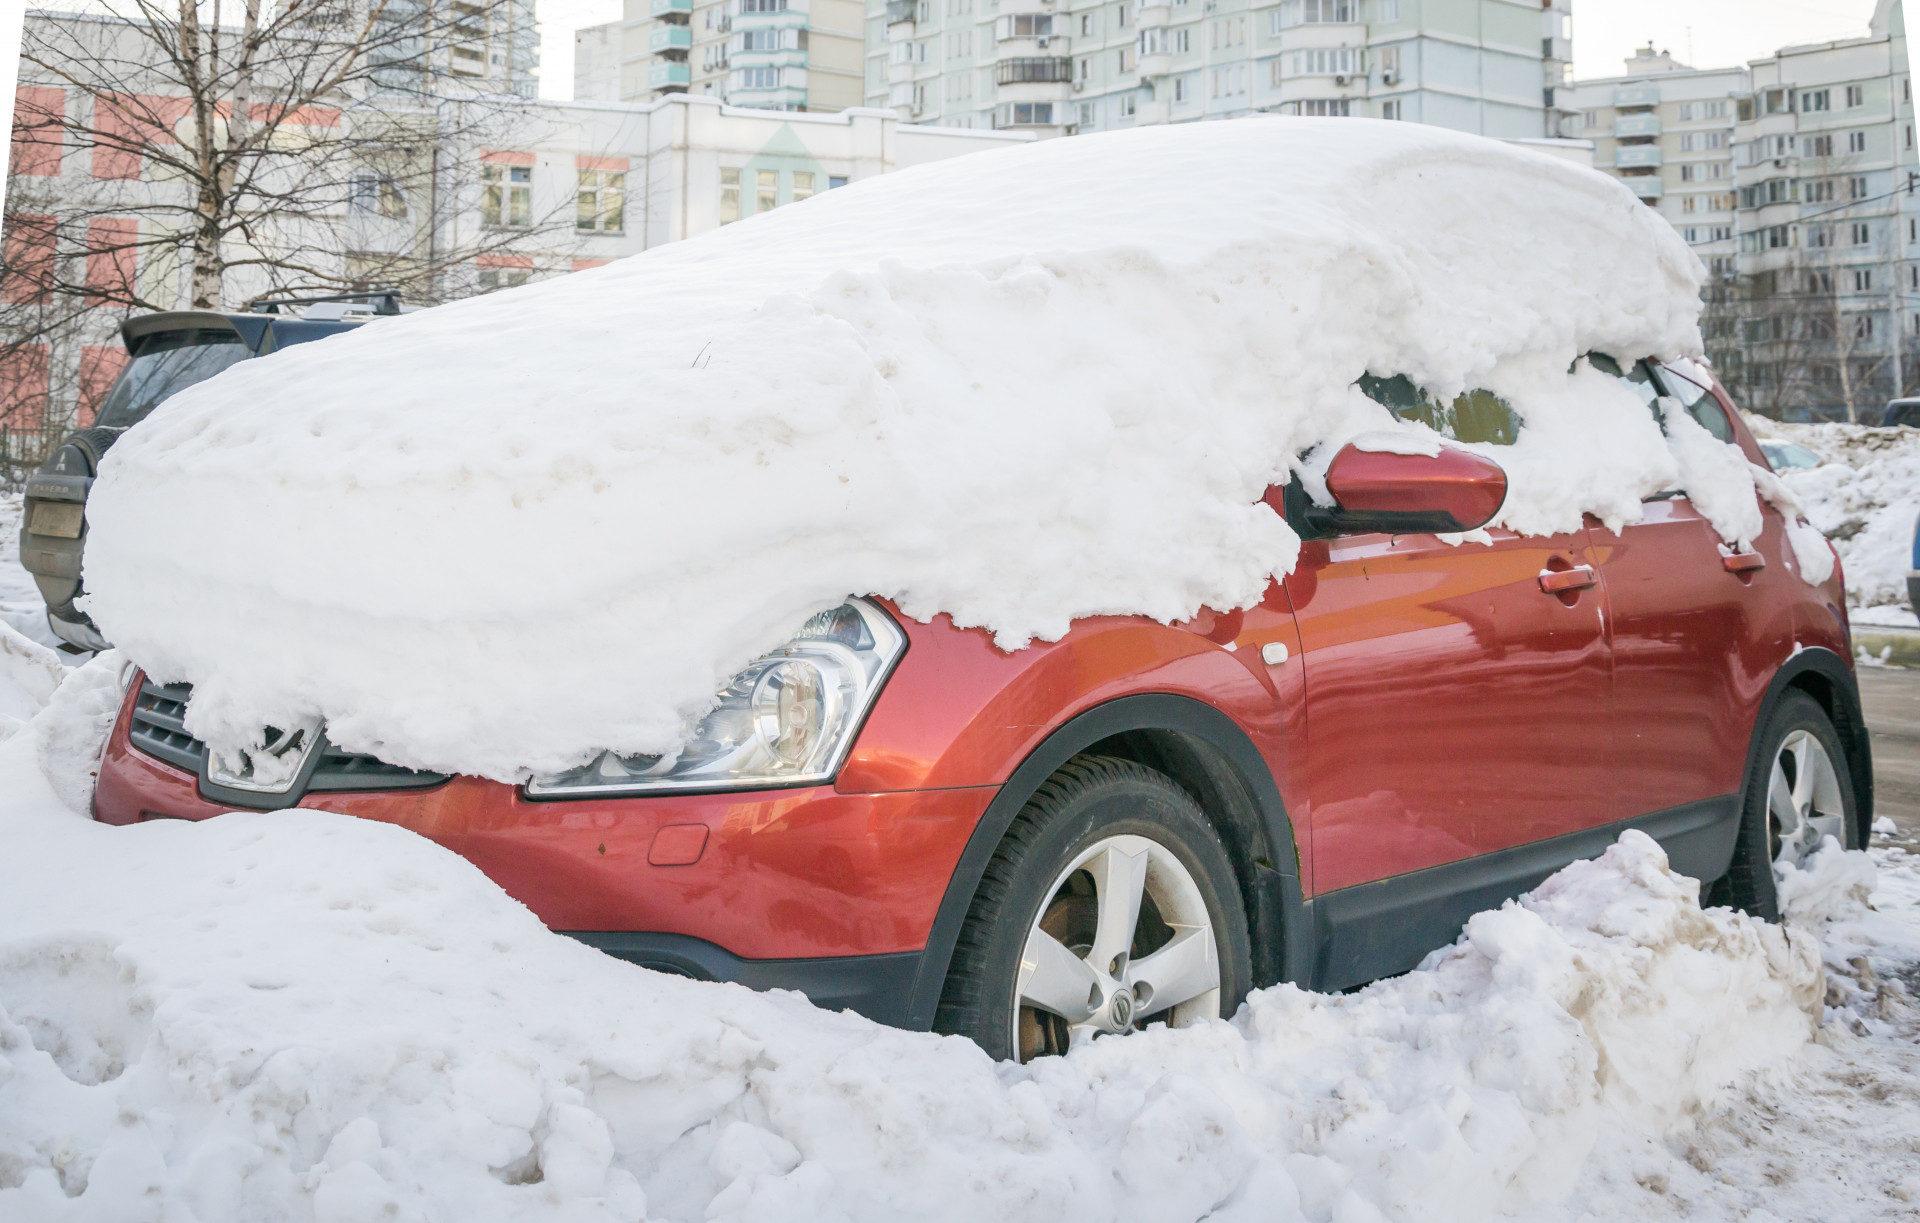 Водителям даны советы по запуску мотора авто в мороз